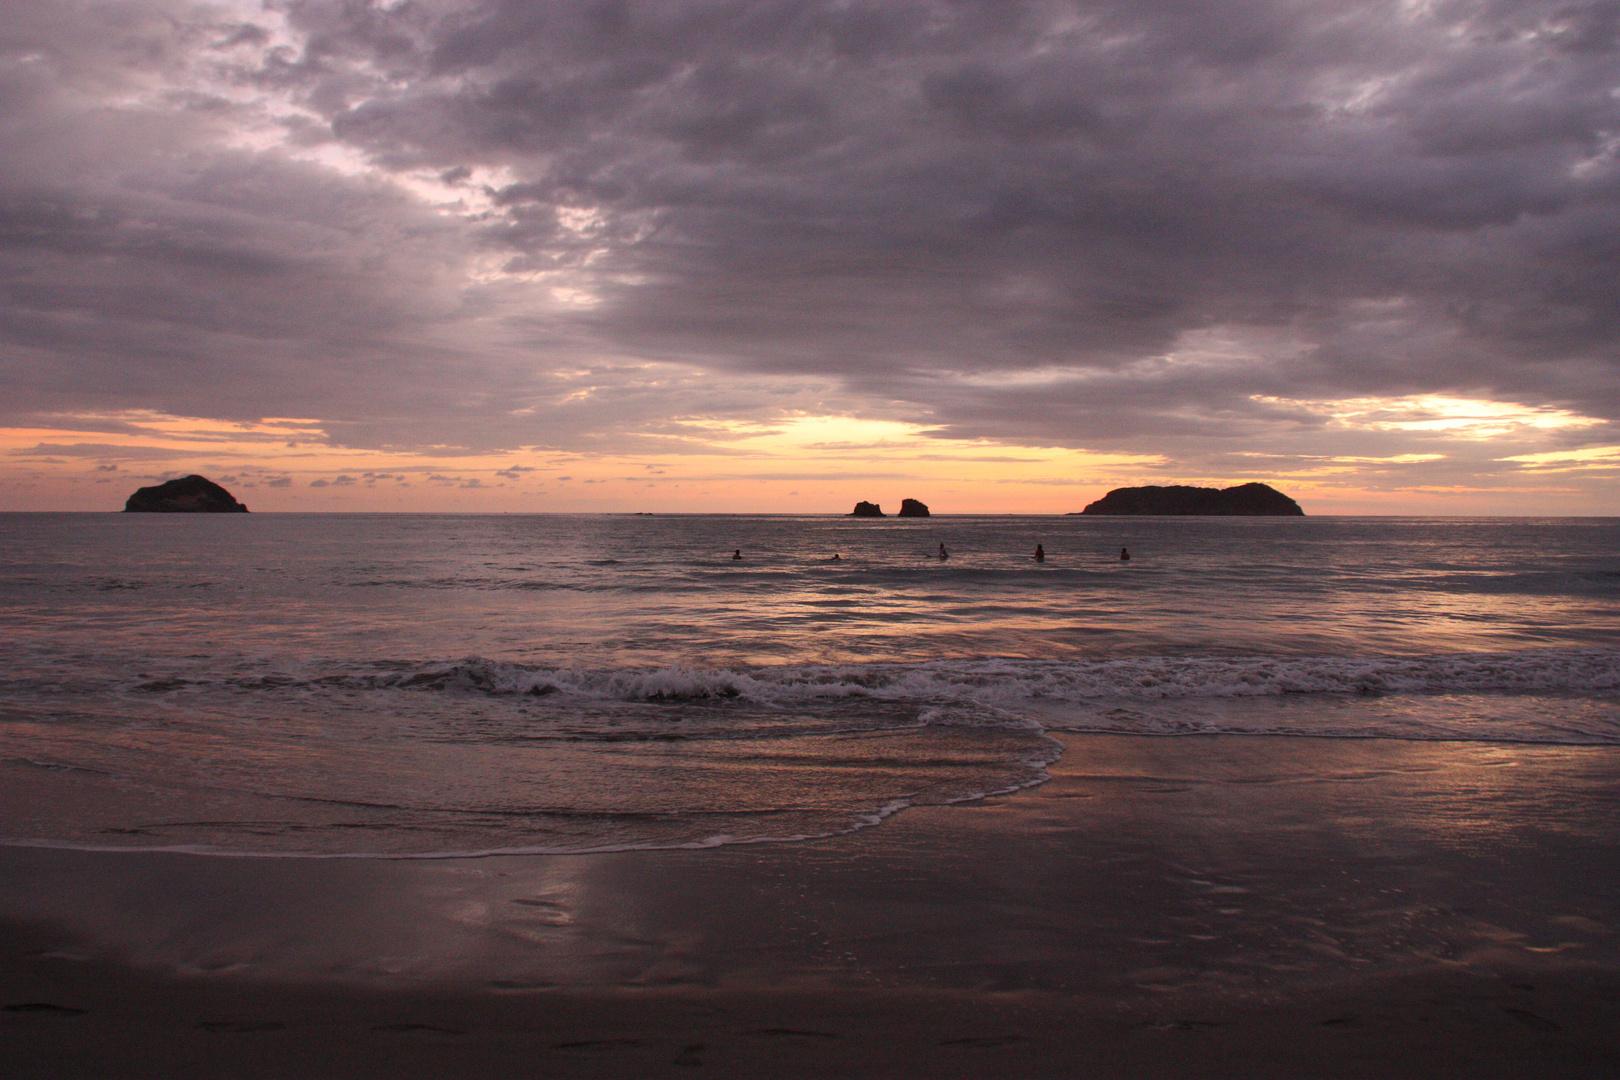 Atardecer en la playa de Manuel Antonio, Costa Rica